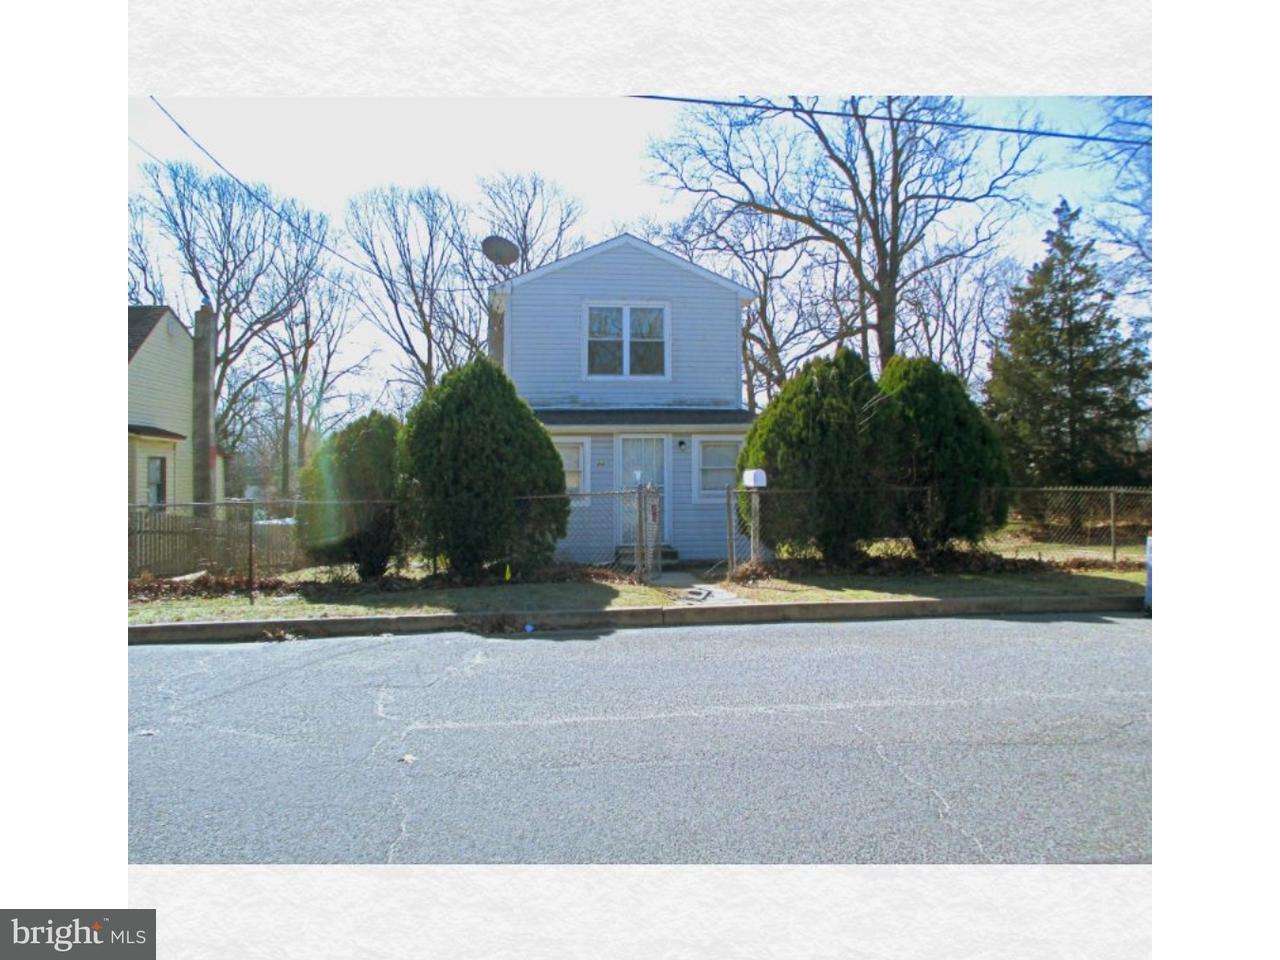 Частный односемейный дом для того Аренда на 44 E 4TH Avenue Pine Hill, Нью-Джерси 08021 Соединенные Штаты